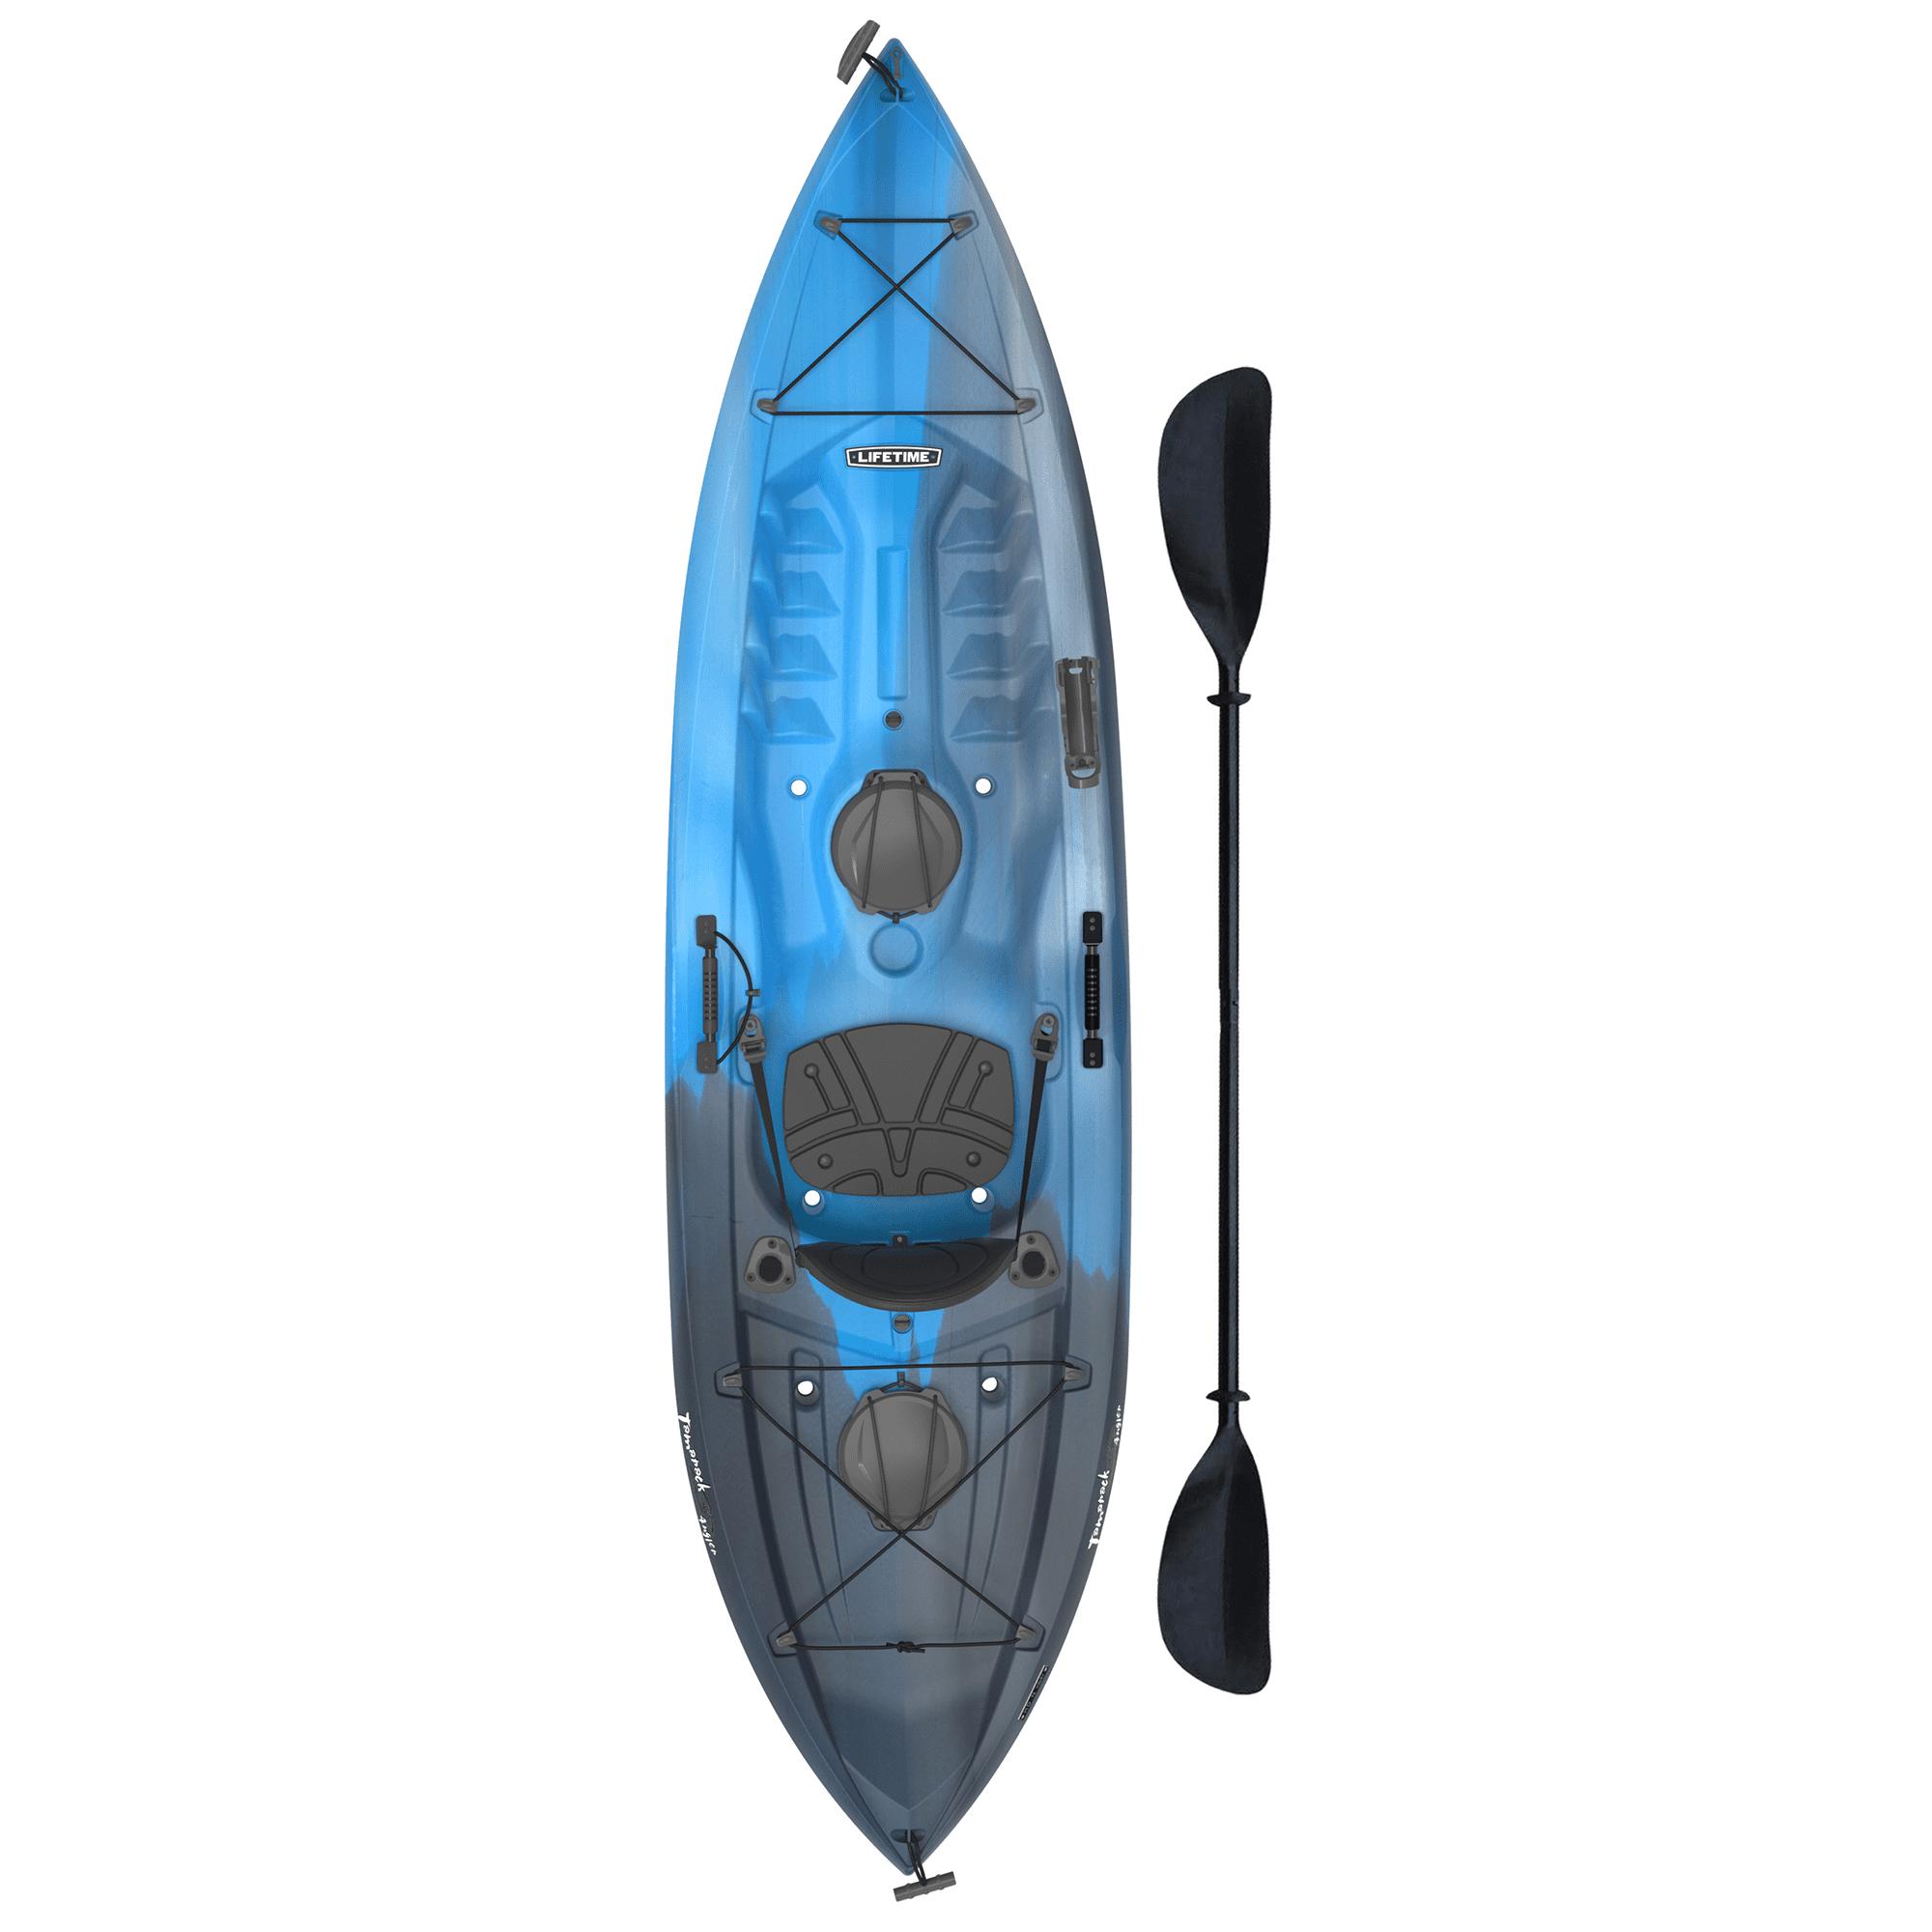 Lifetime Tamarack Angler 10 Ft Fishing Kayak Paddle Included 90818 Walmart Com Walmart Com